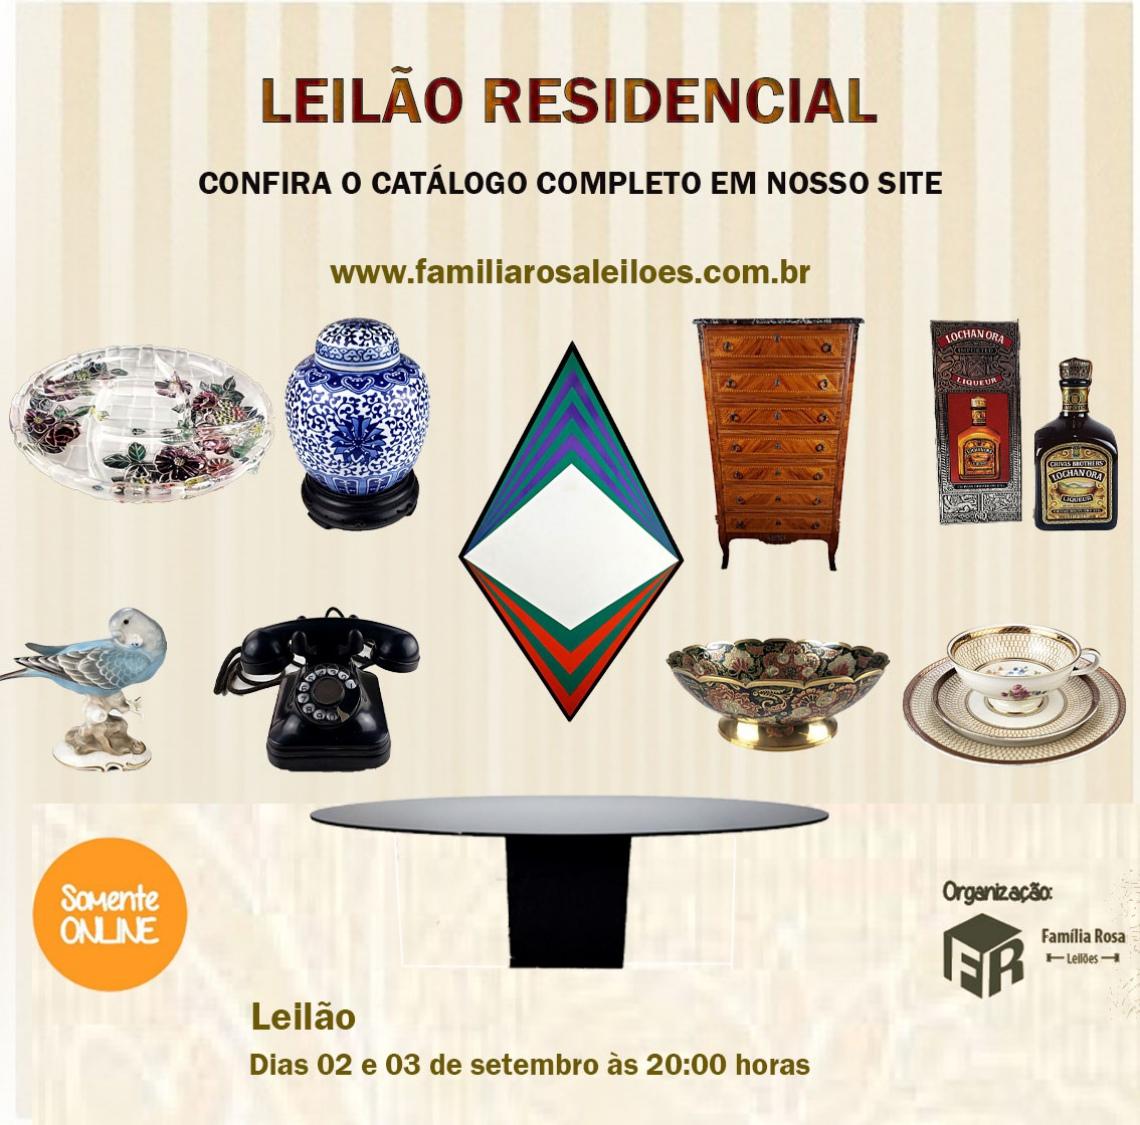 LEILÃO RESIDENCIAL